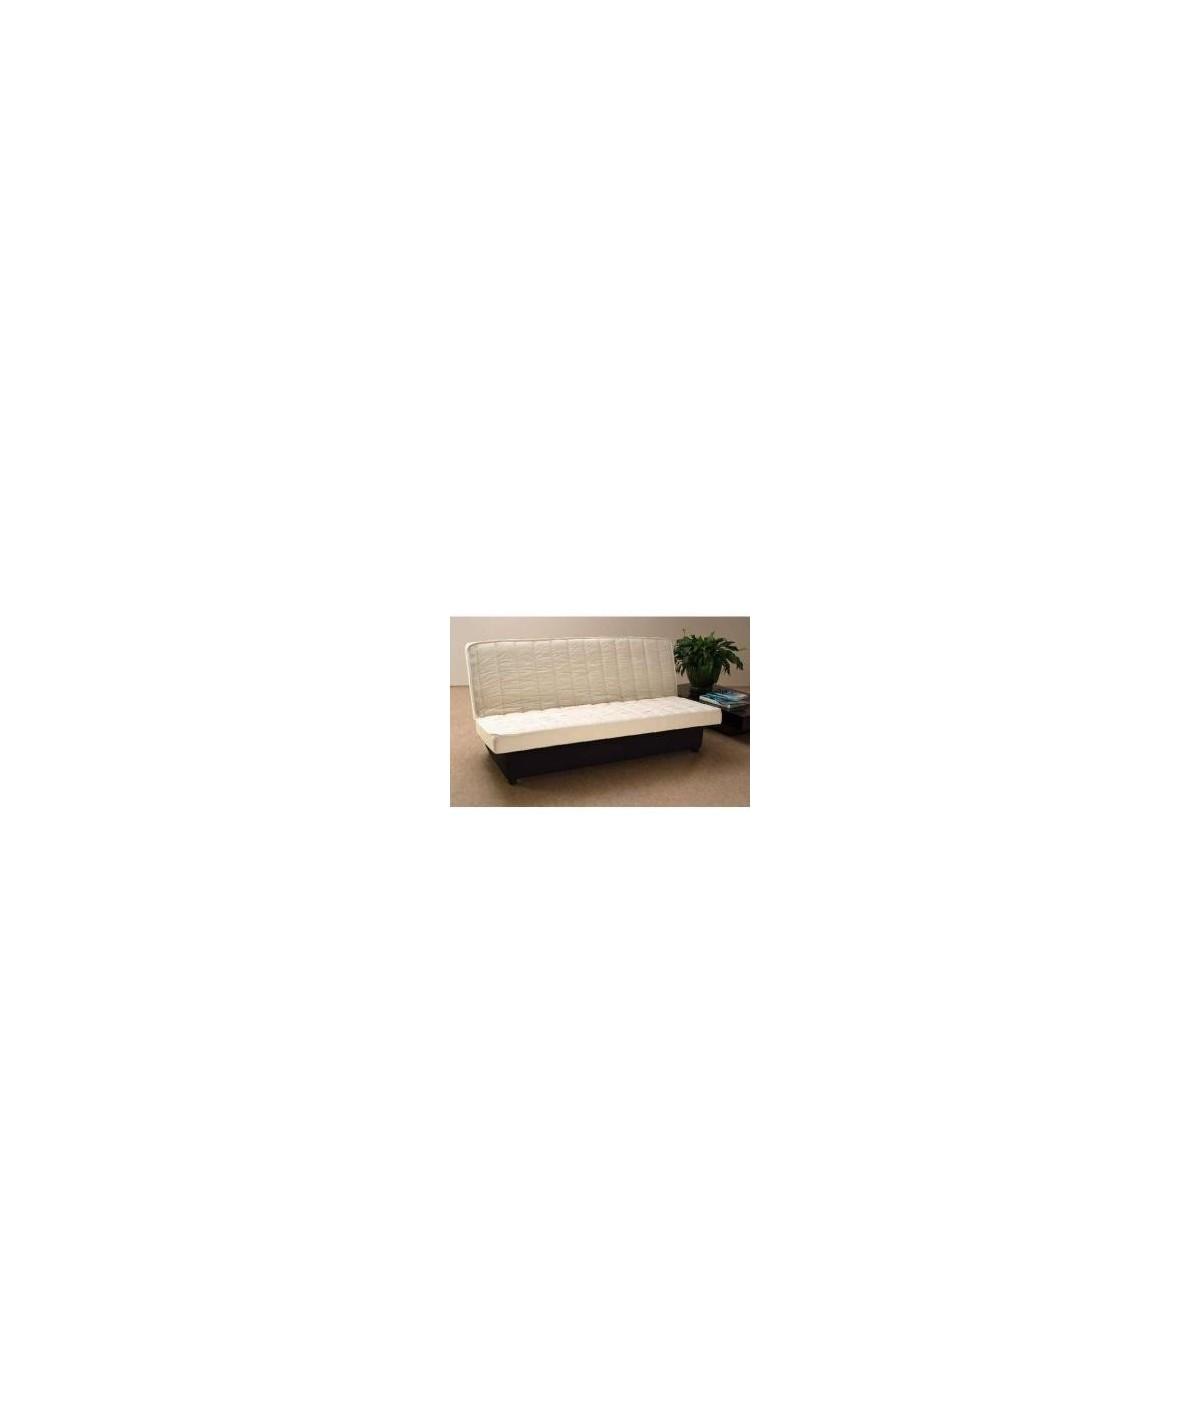 matelas clic clac 15cm latex naturel 80 kg/m3 + poli lattex